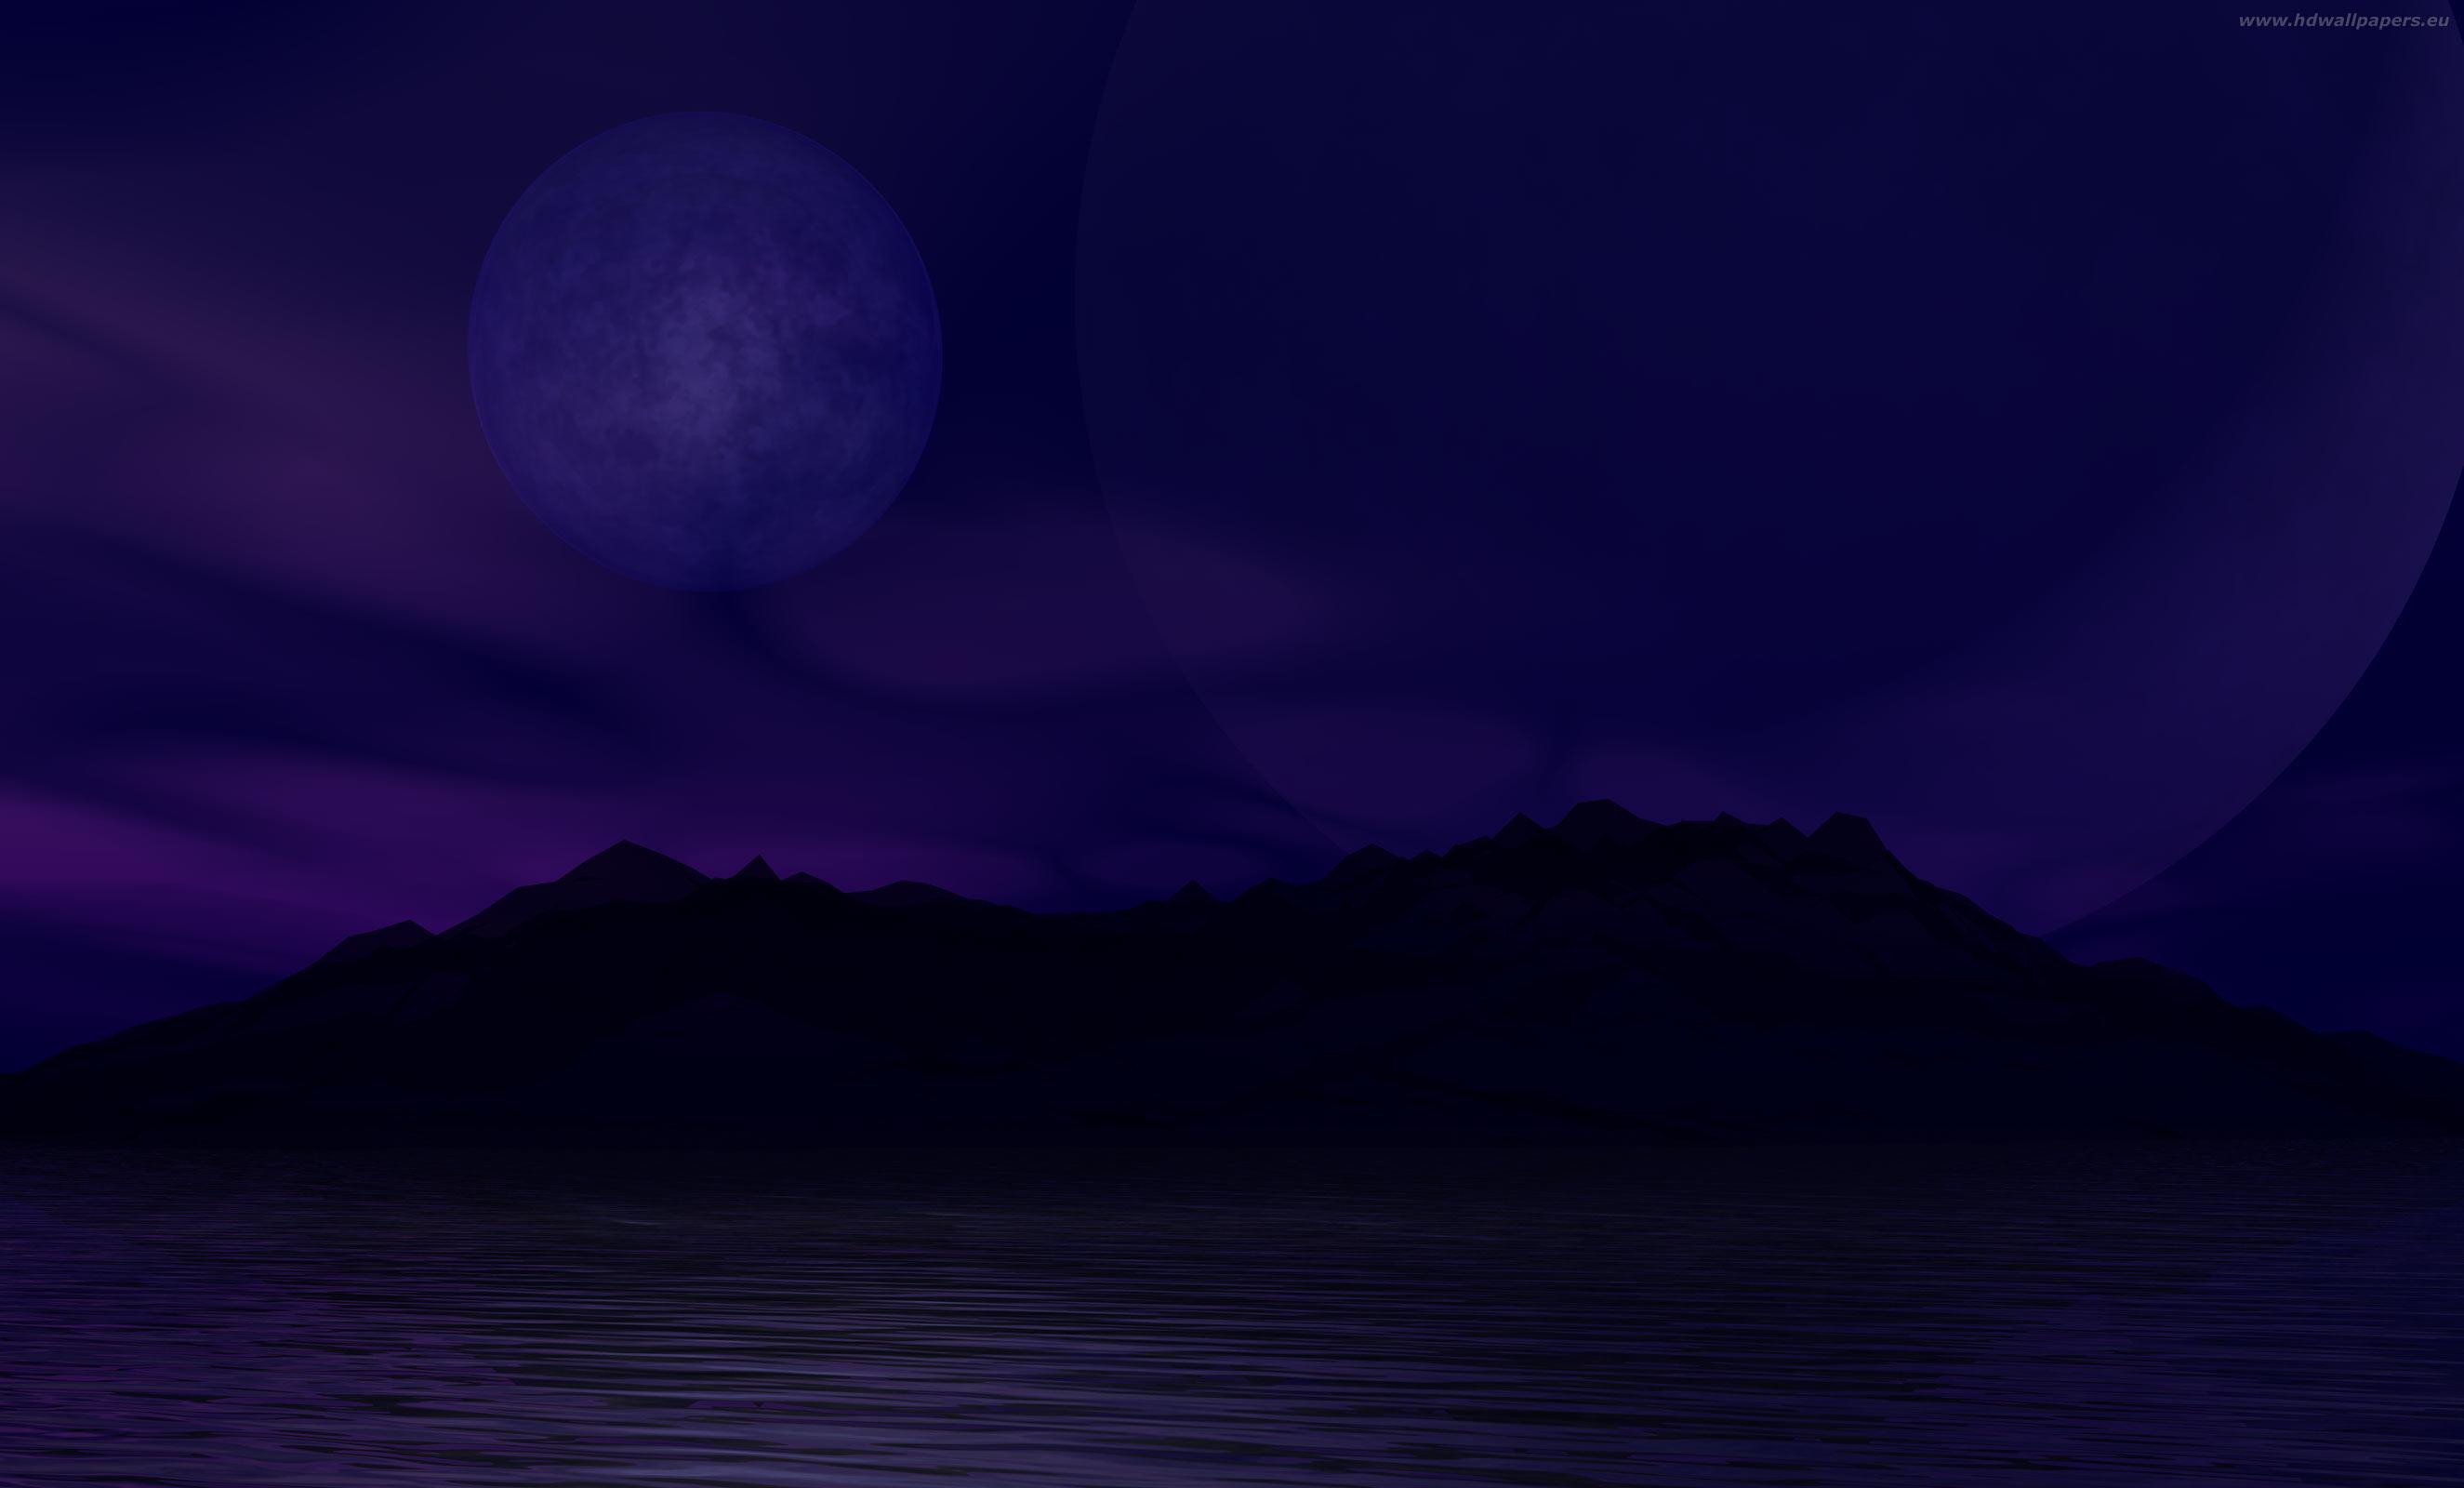 dark blue sky 26501600jpg 2650x1600